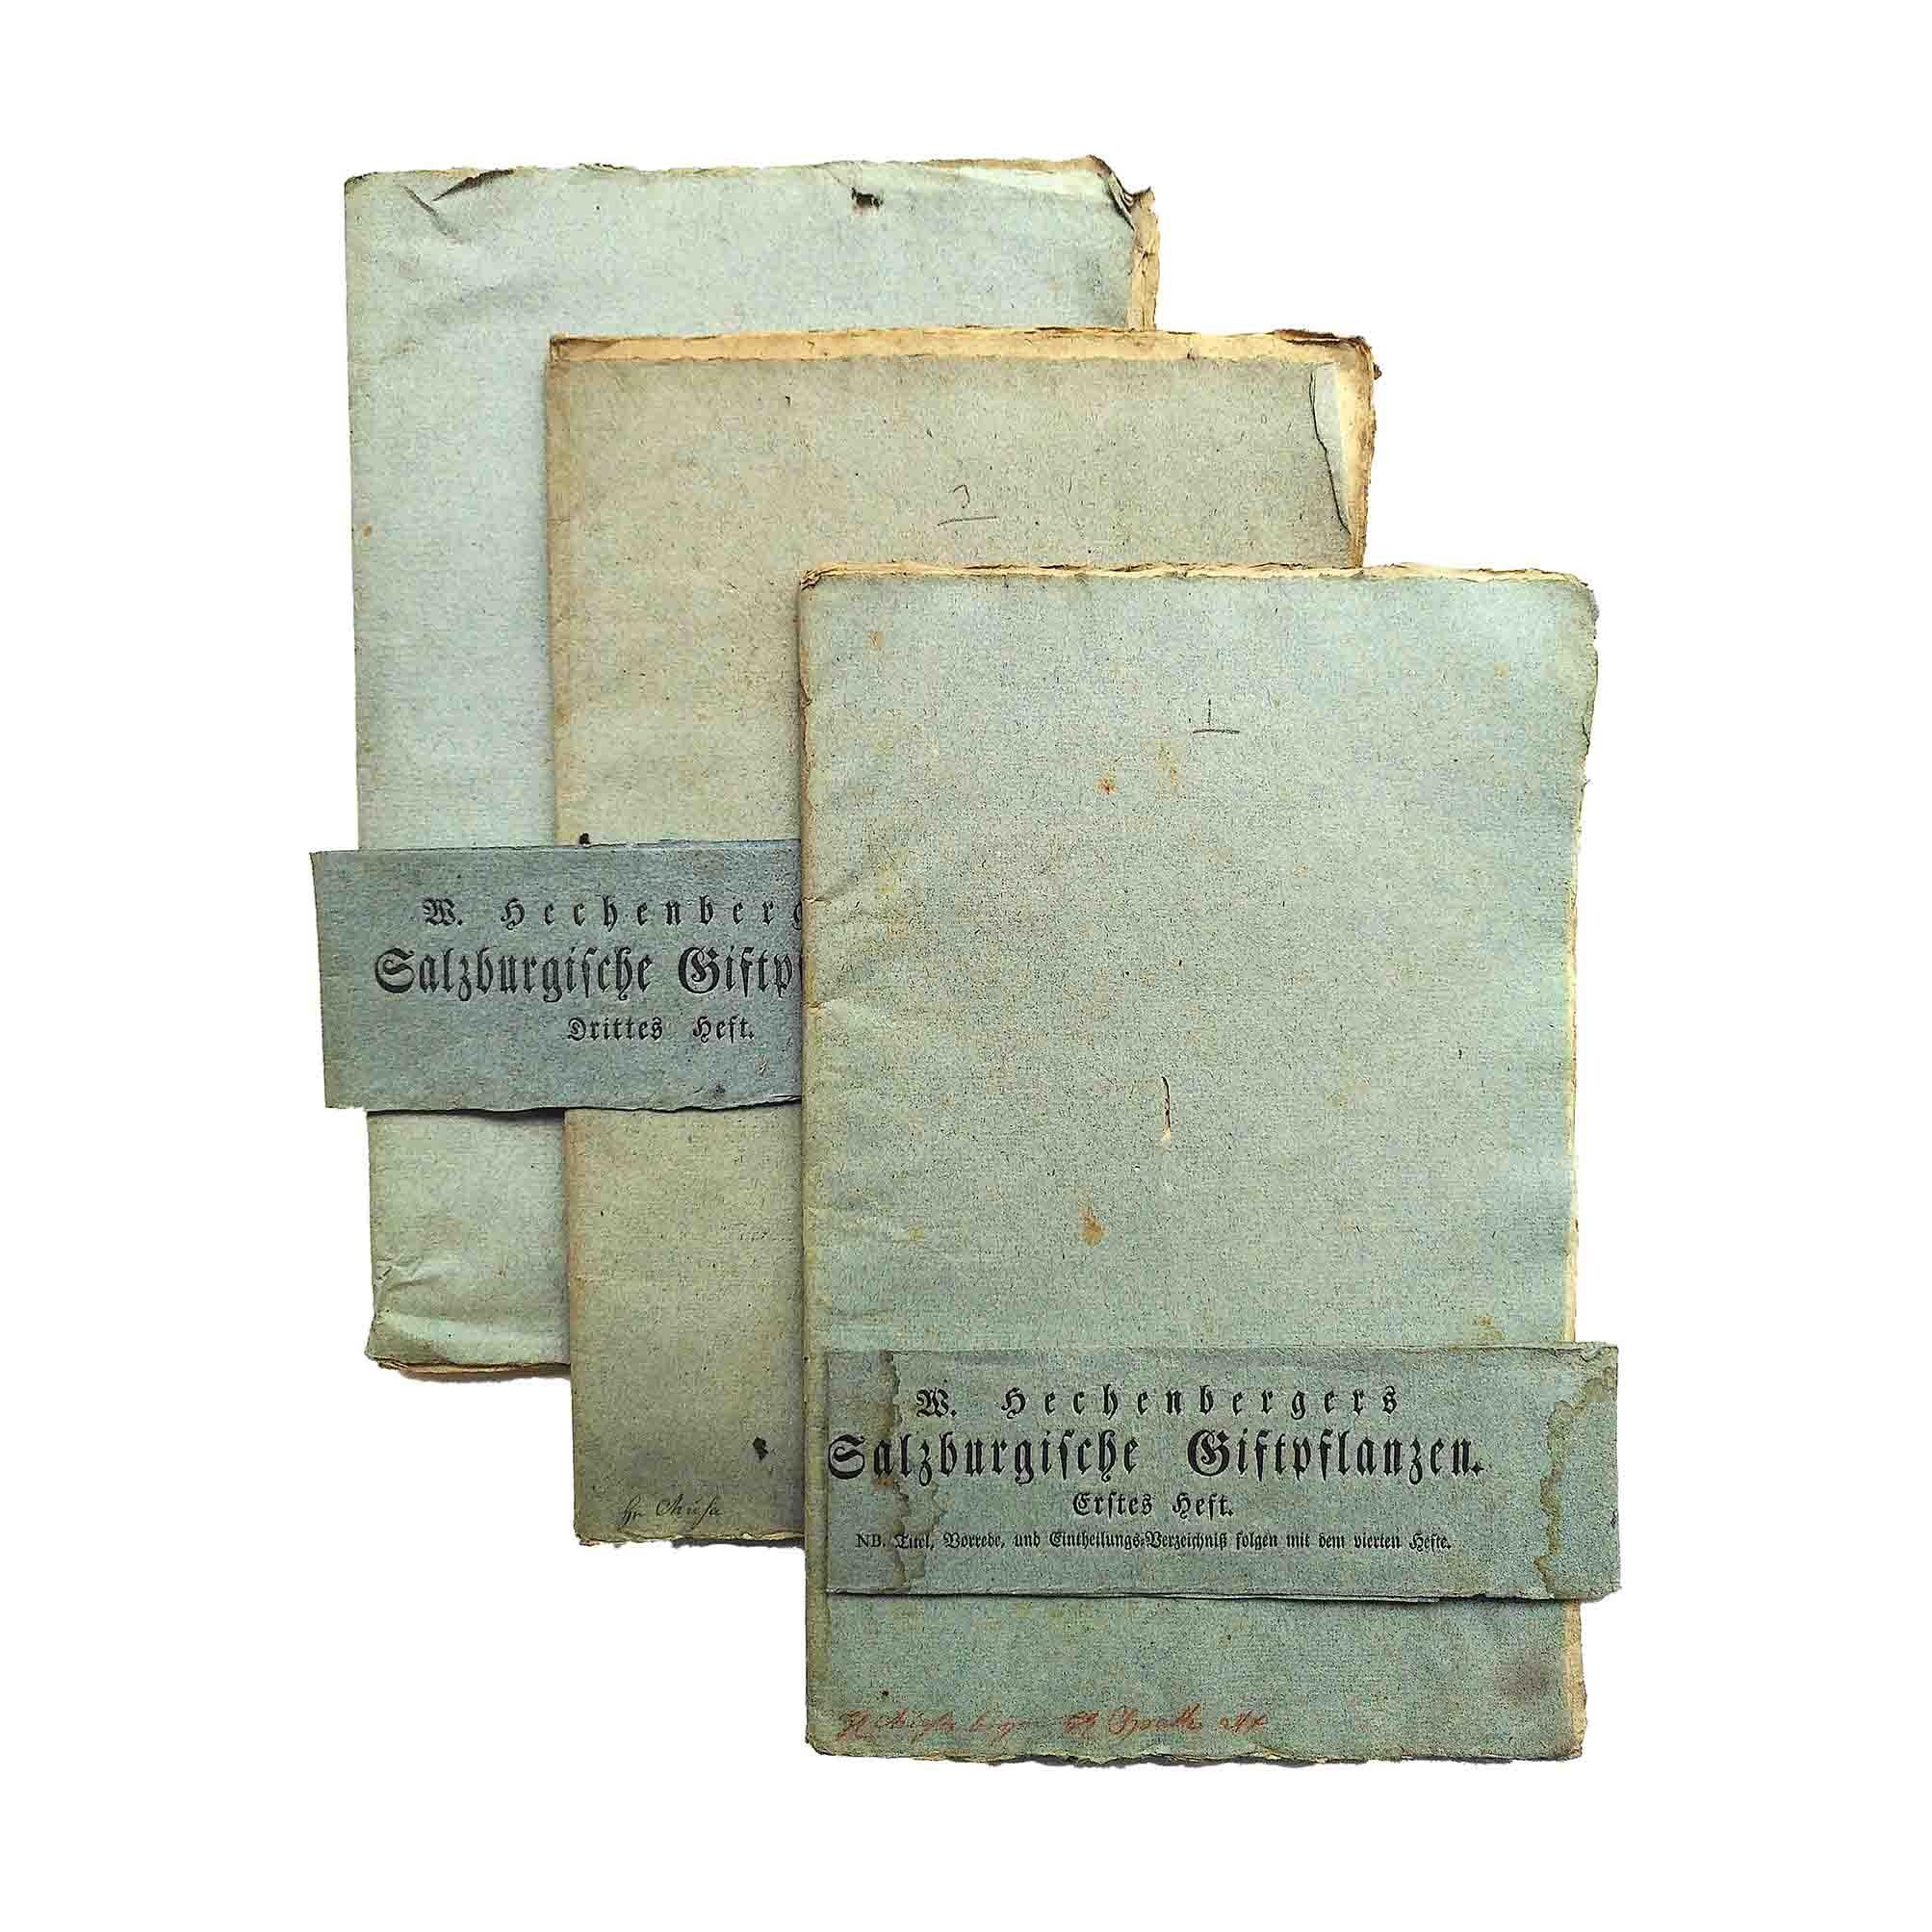 5965 Hechenberger Salzburgische Giftpflanzen 1810 Umschlaege N